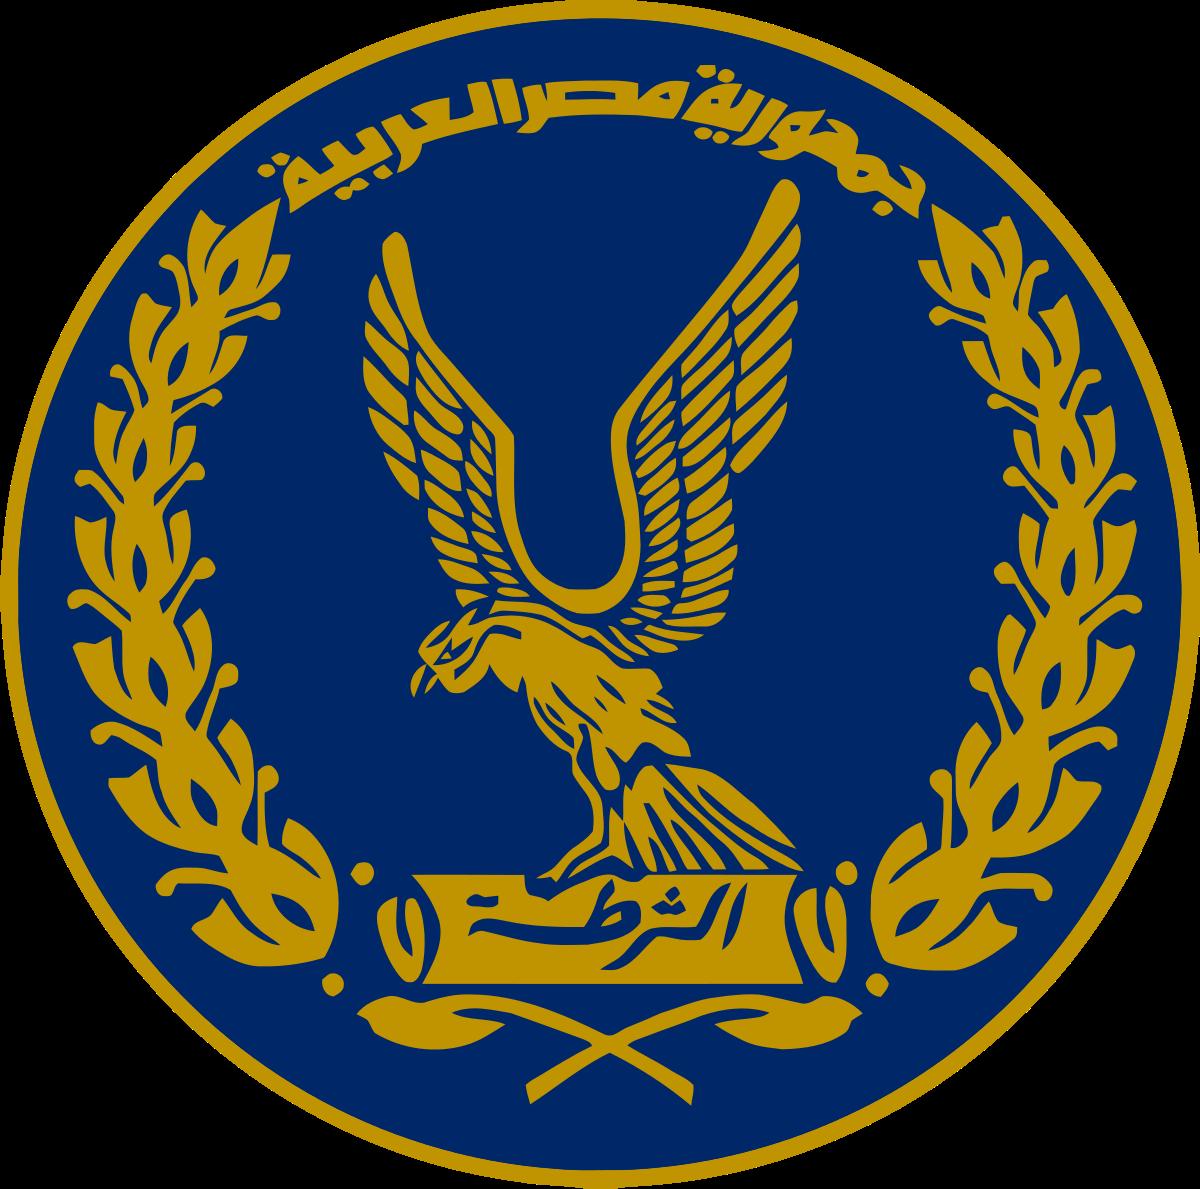 Egyptian National Police.